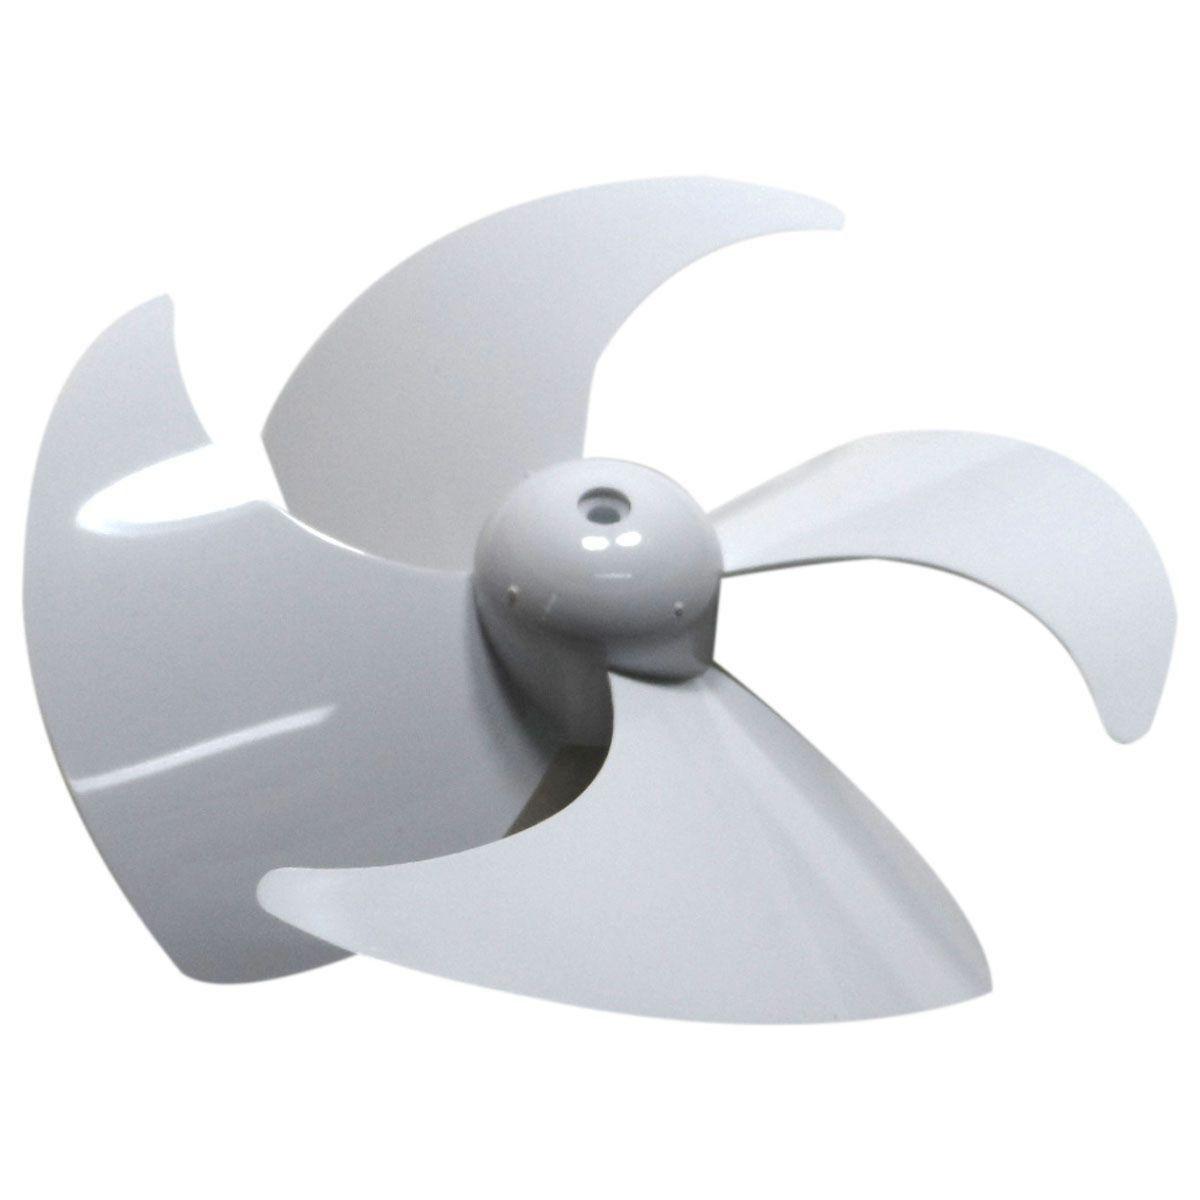 Helice Ventilador Refrigerador Electrolux 67493234